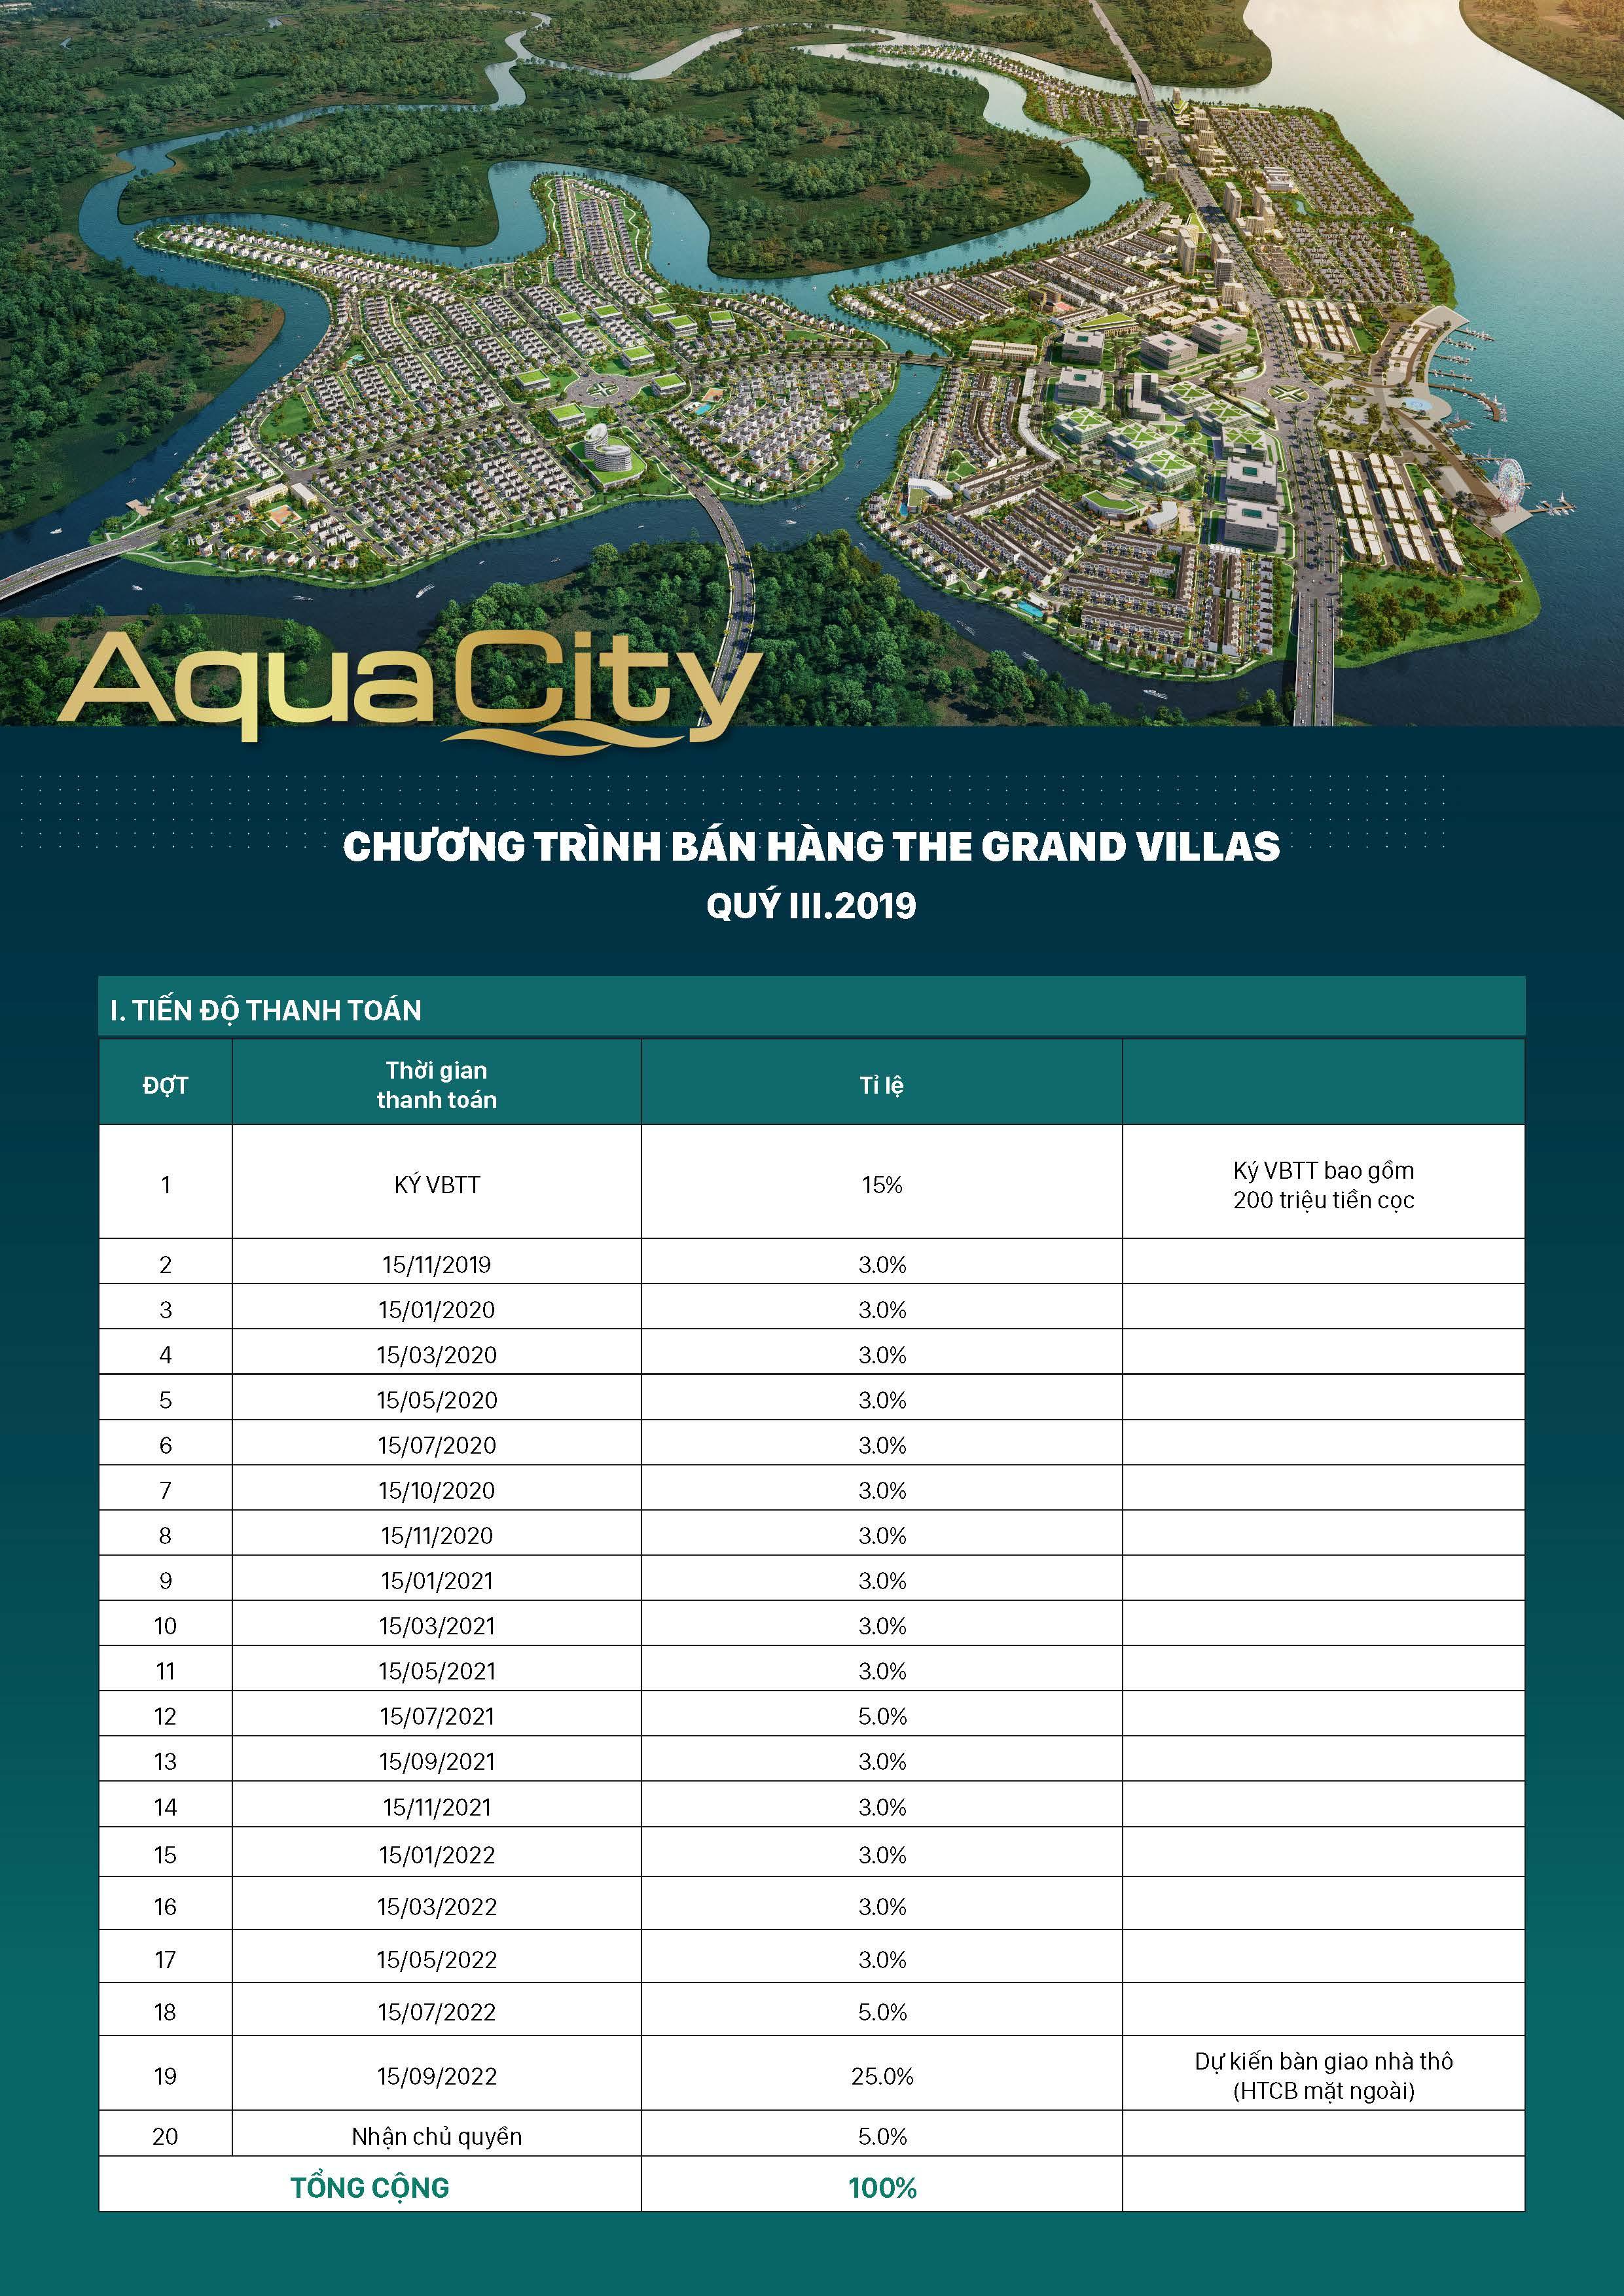 Chương trình bán hàng dự án Aqua City